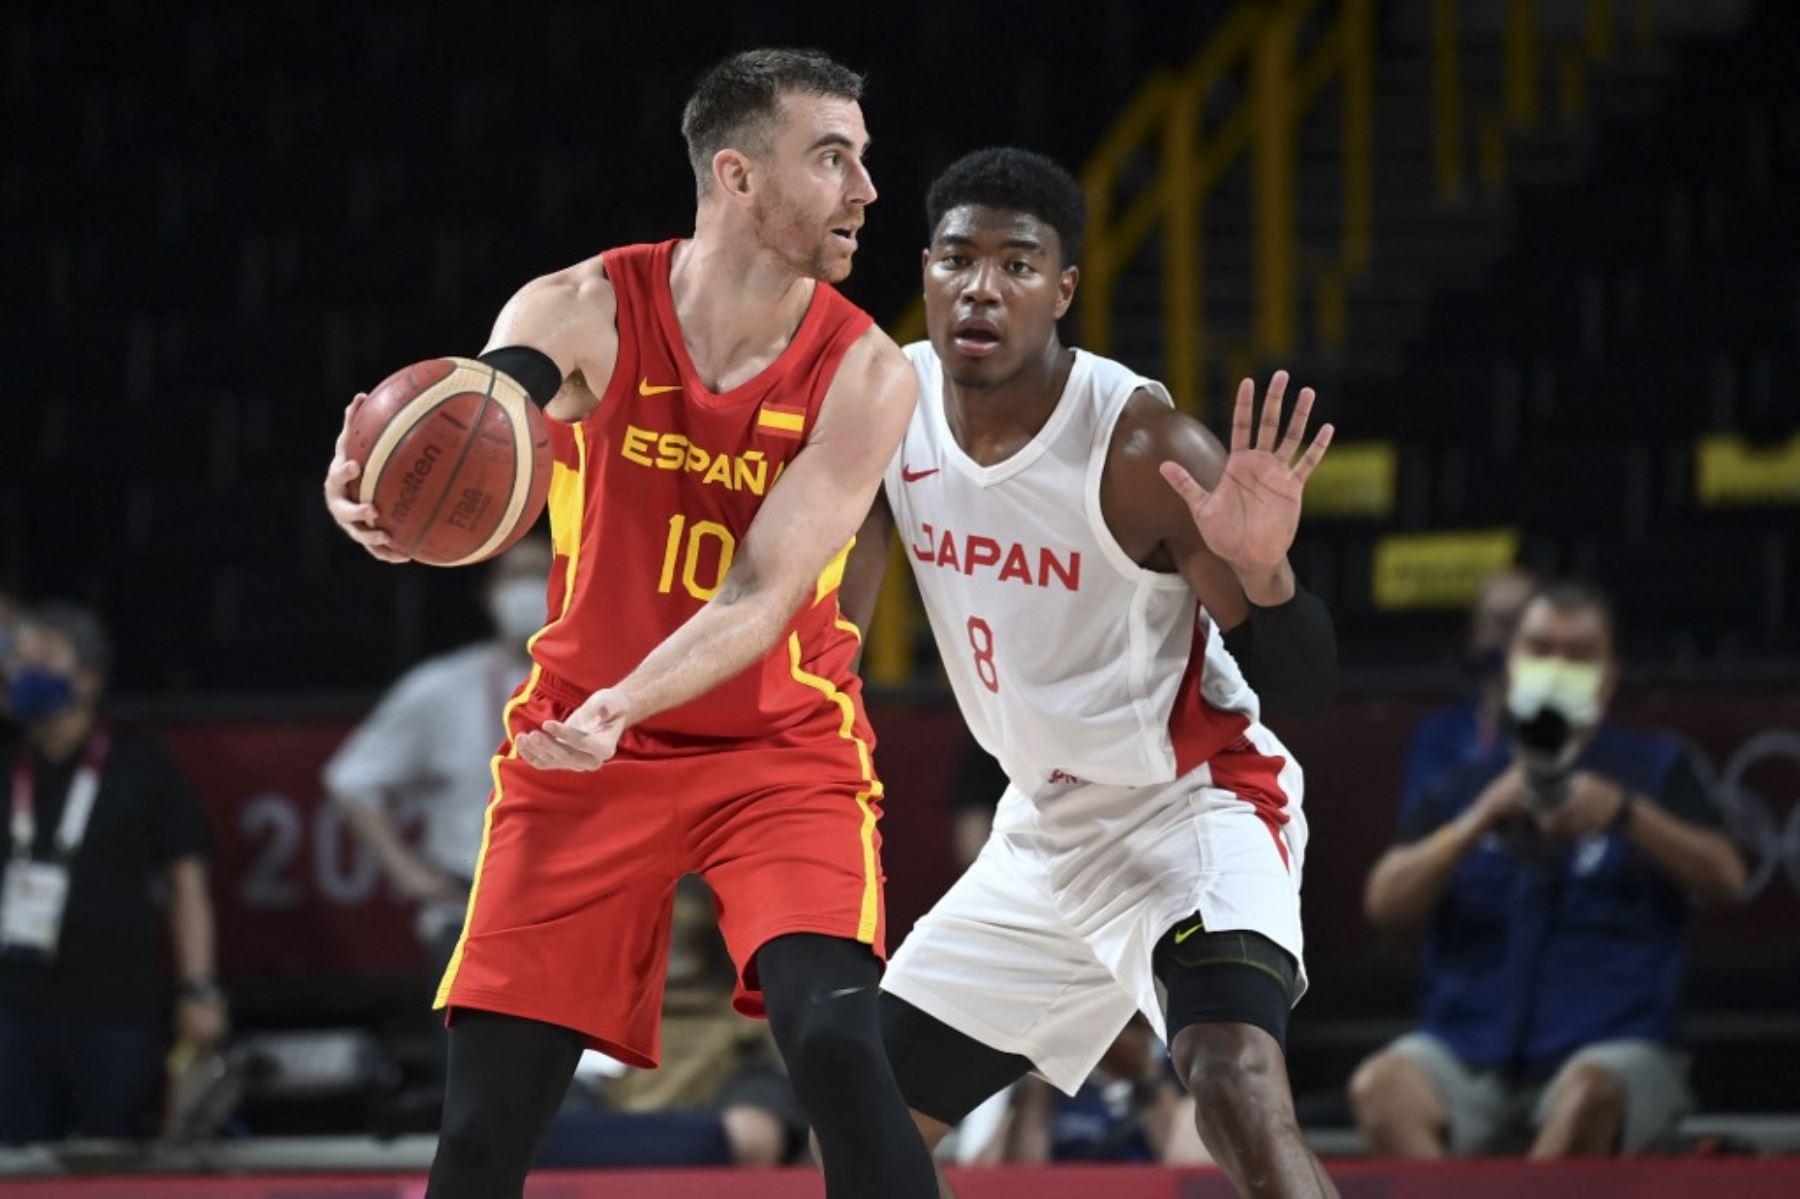 La vigente campeona mundial de básquetbol, España, comenzó bien camino olímpico